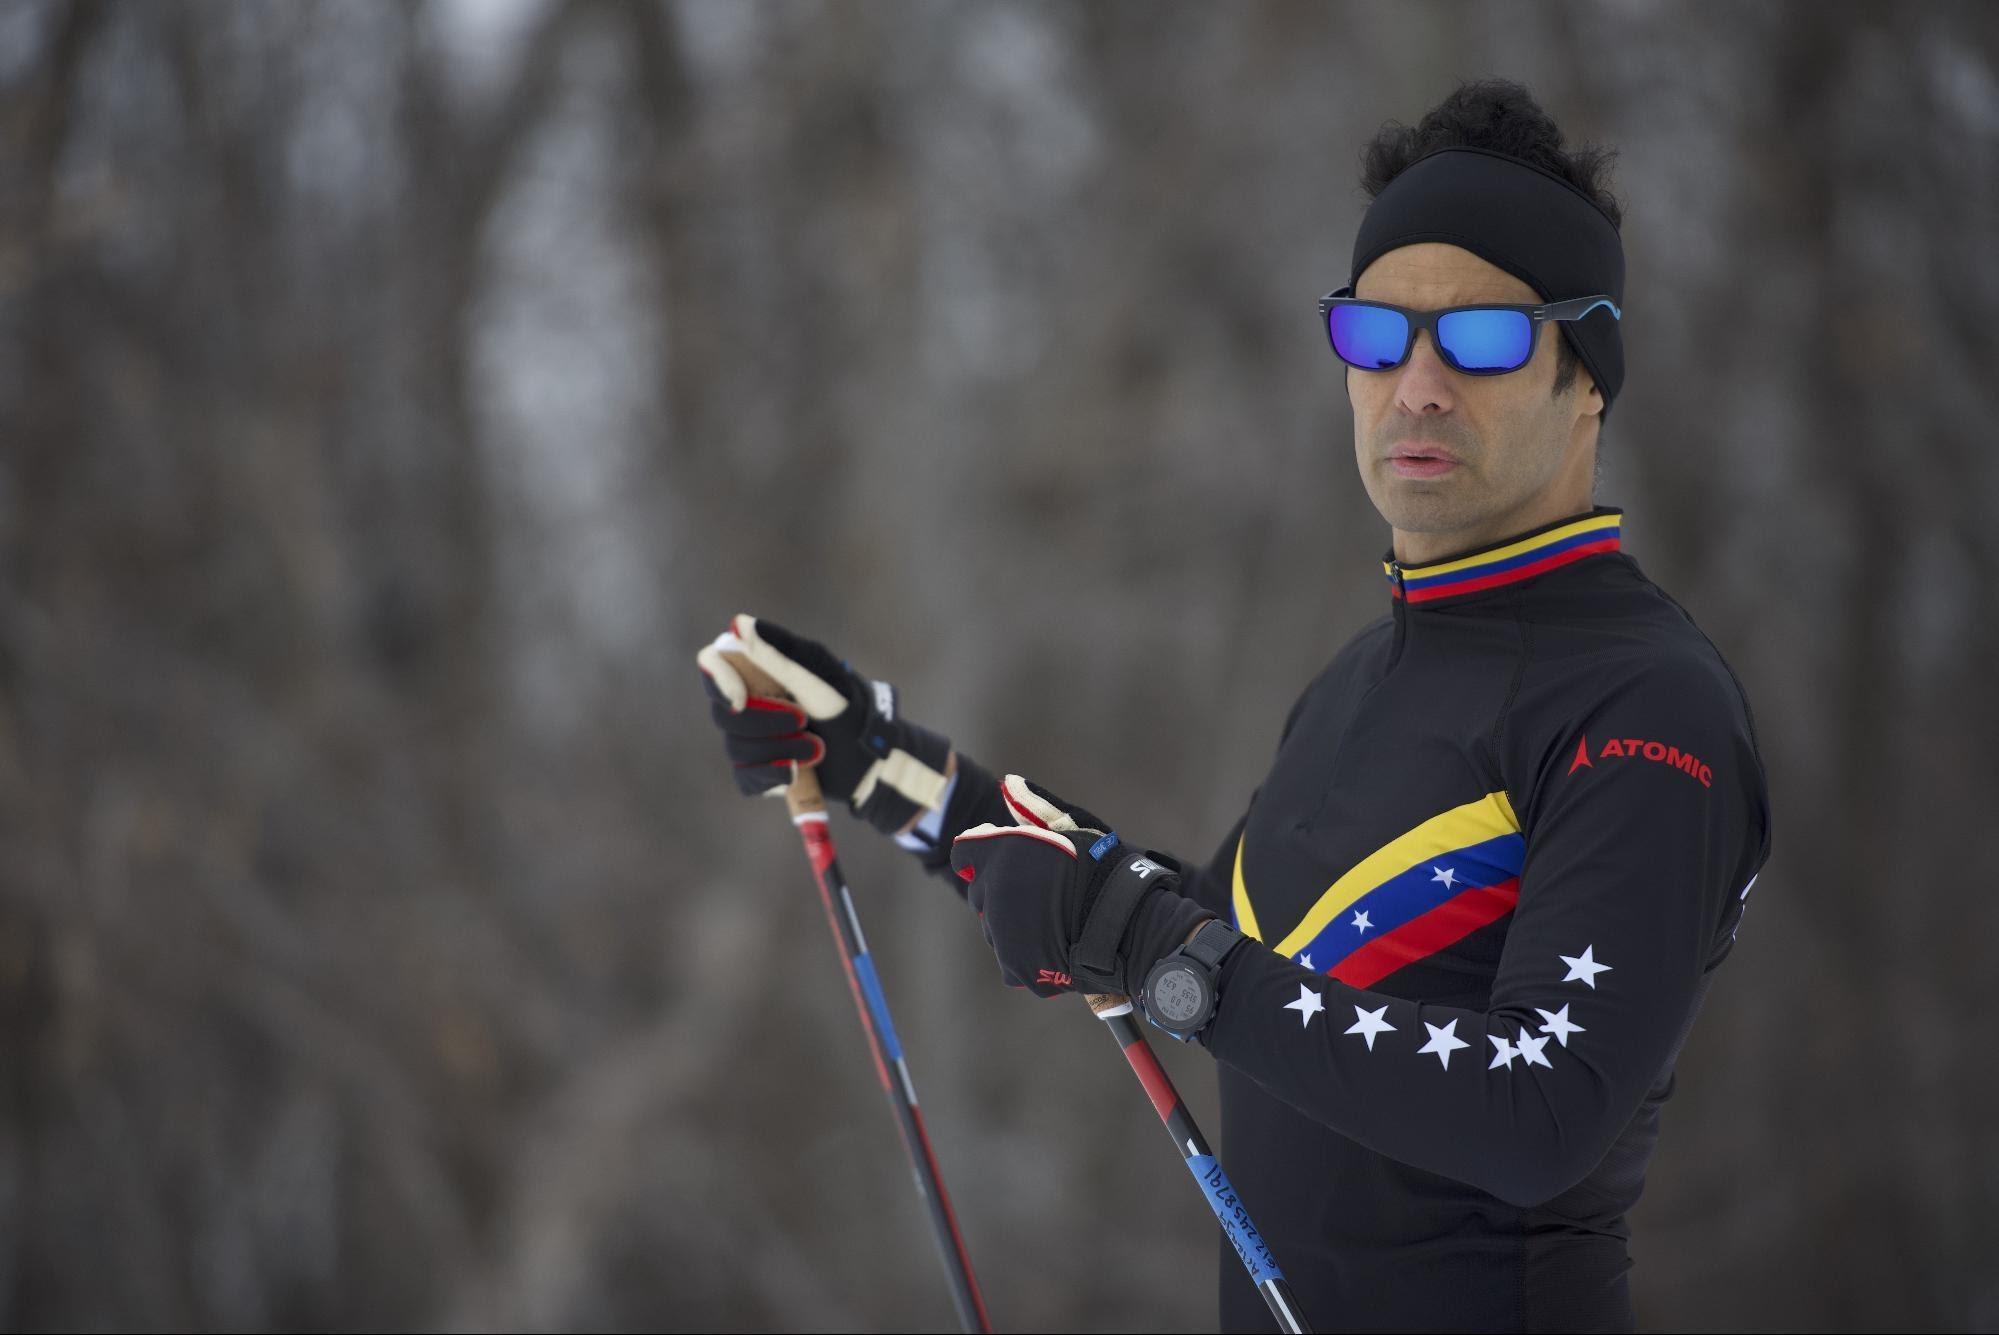 Eduardo Arteaga wearing black ski outfit with Venezuela flag print